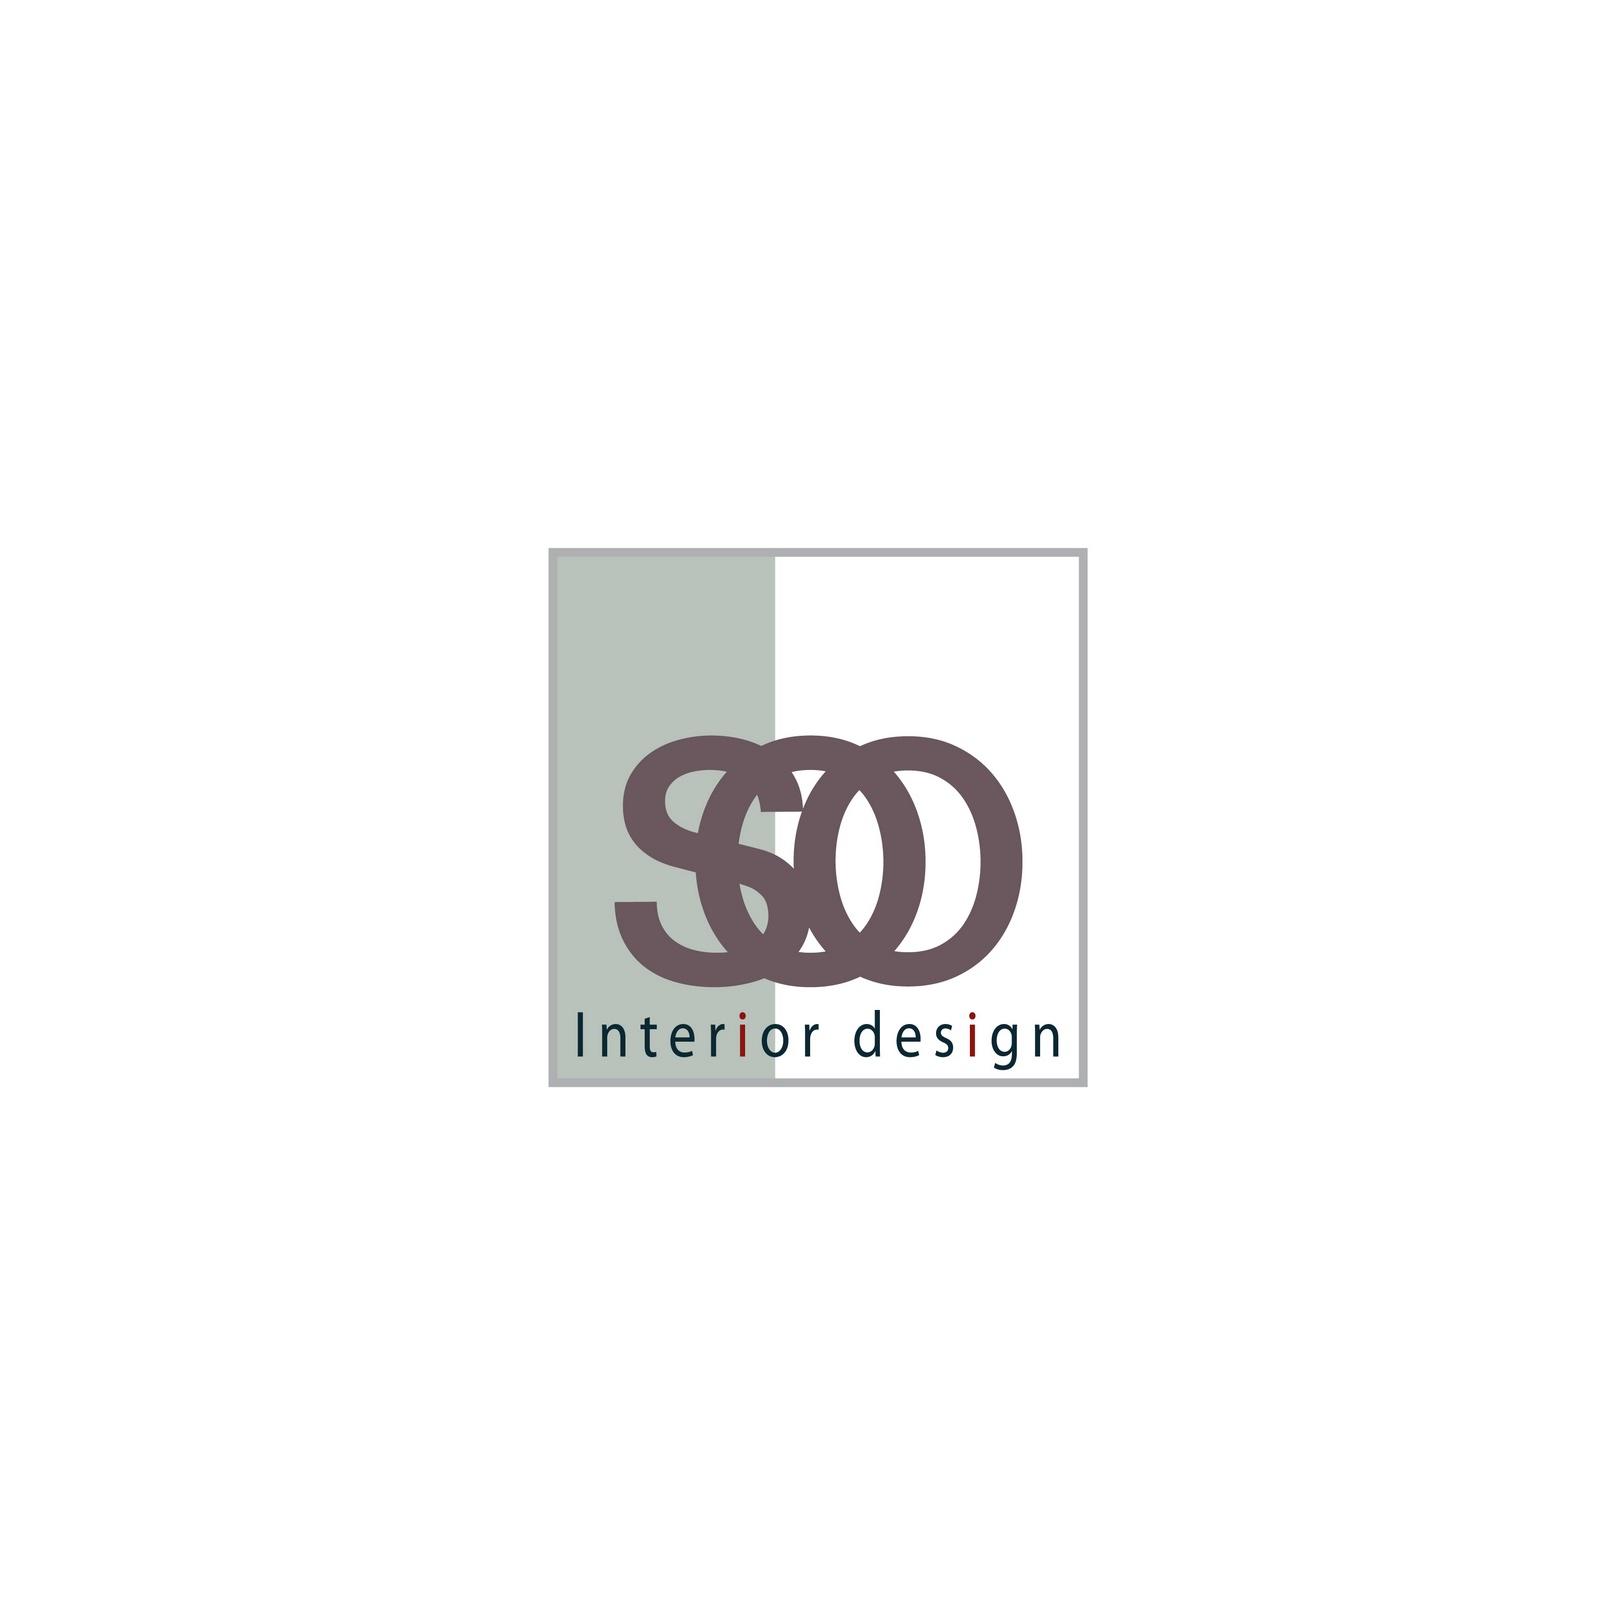 Soo 39 s art logo interior design company logo for Interior design logo images